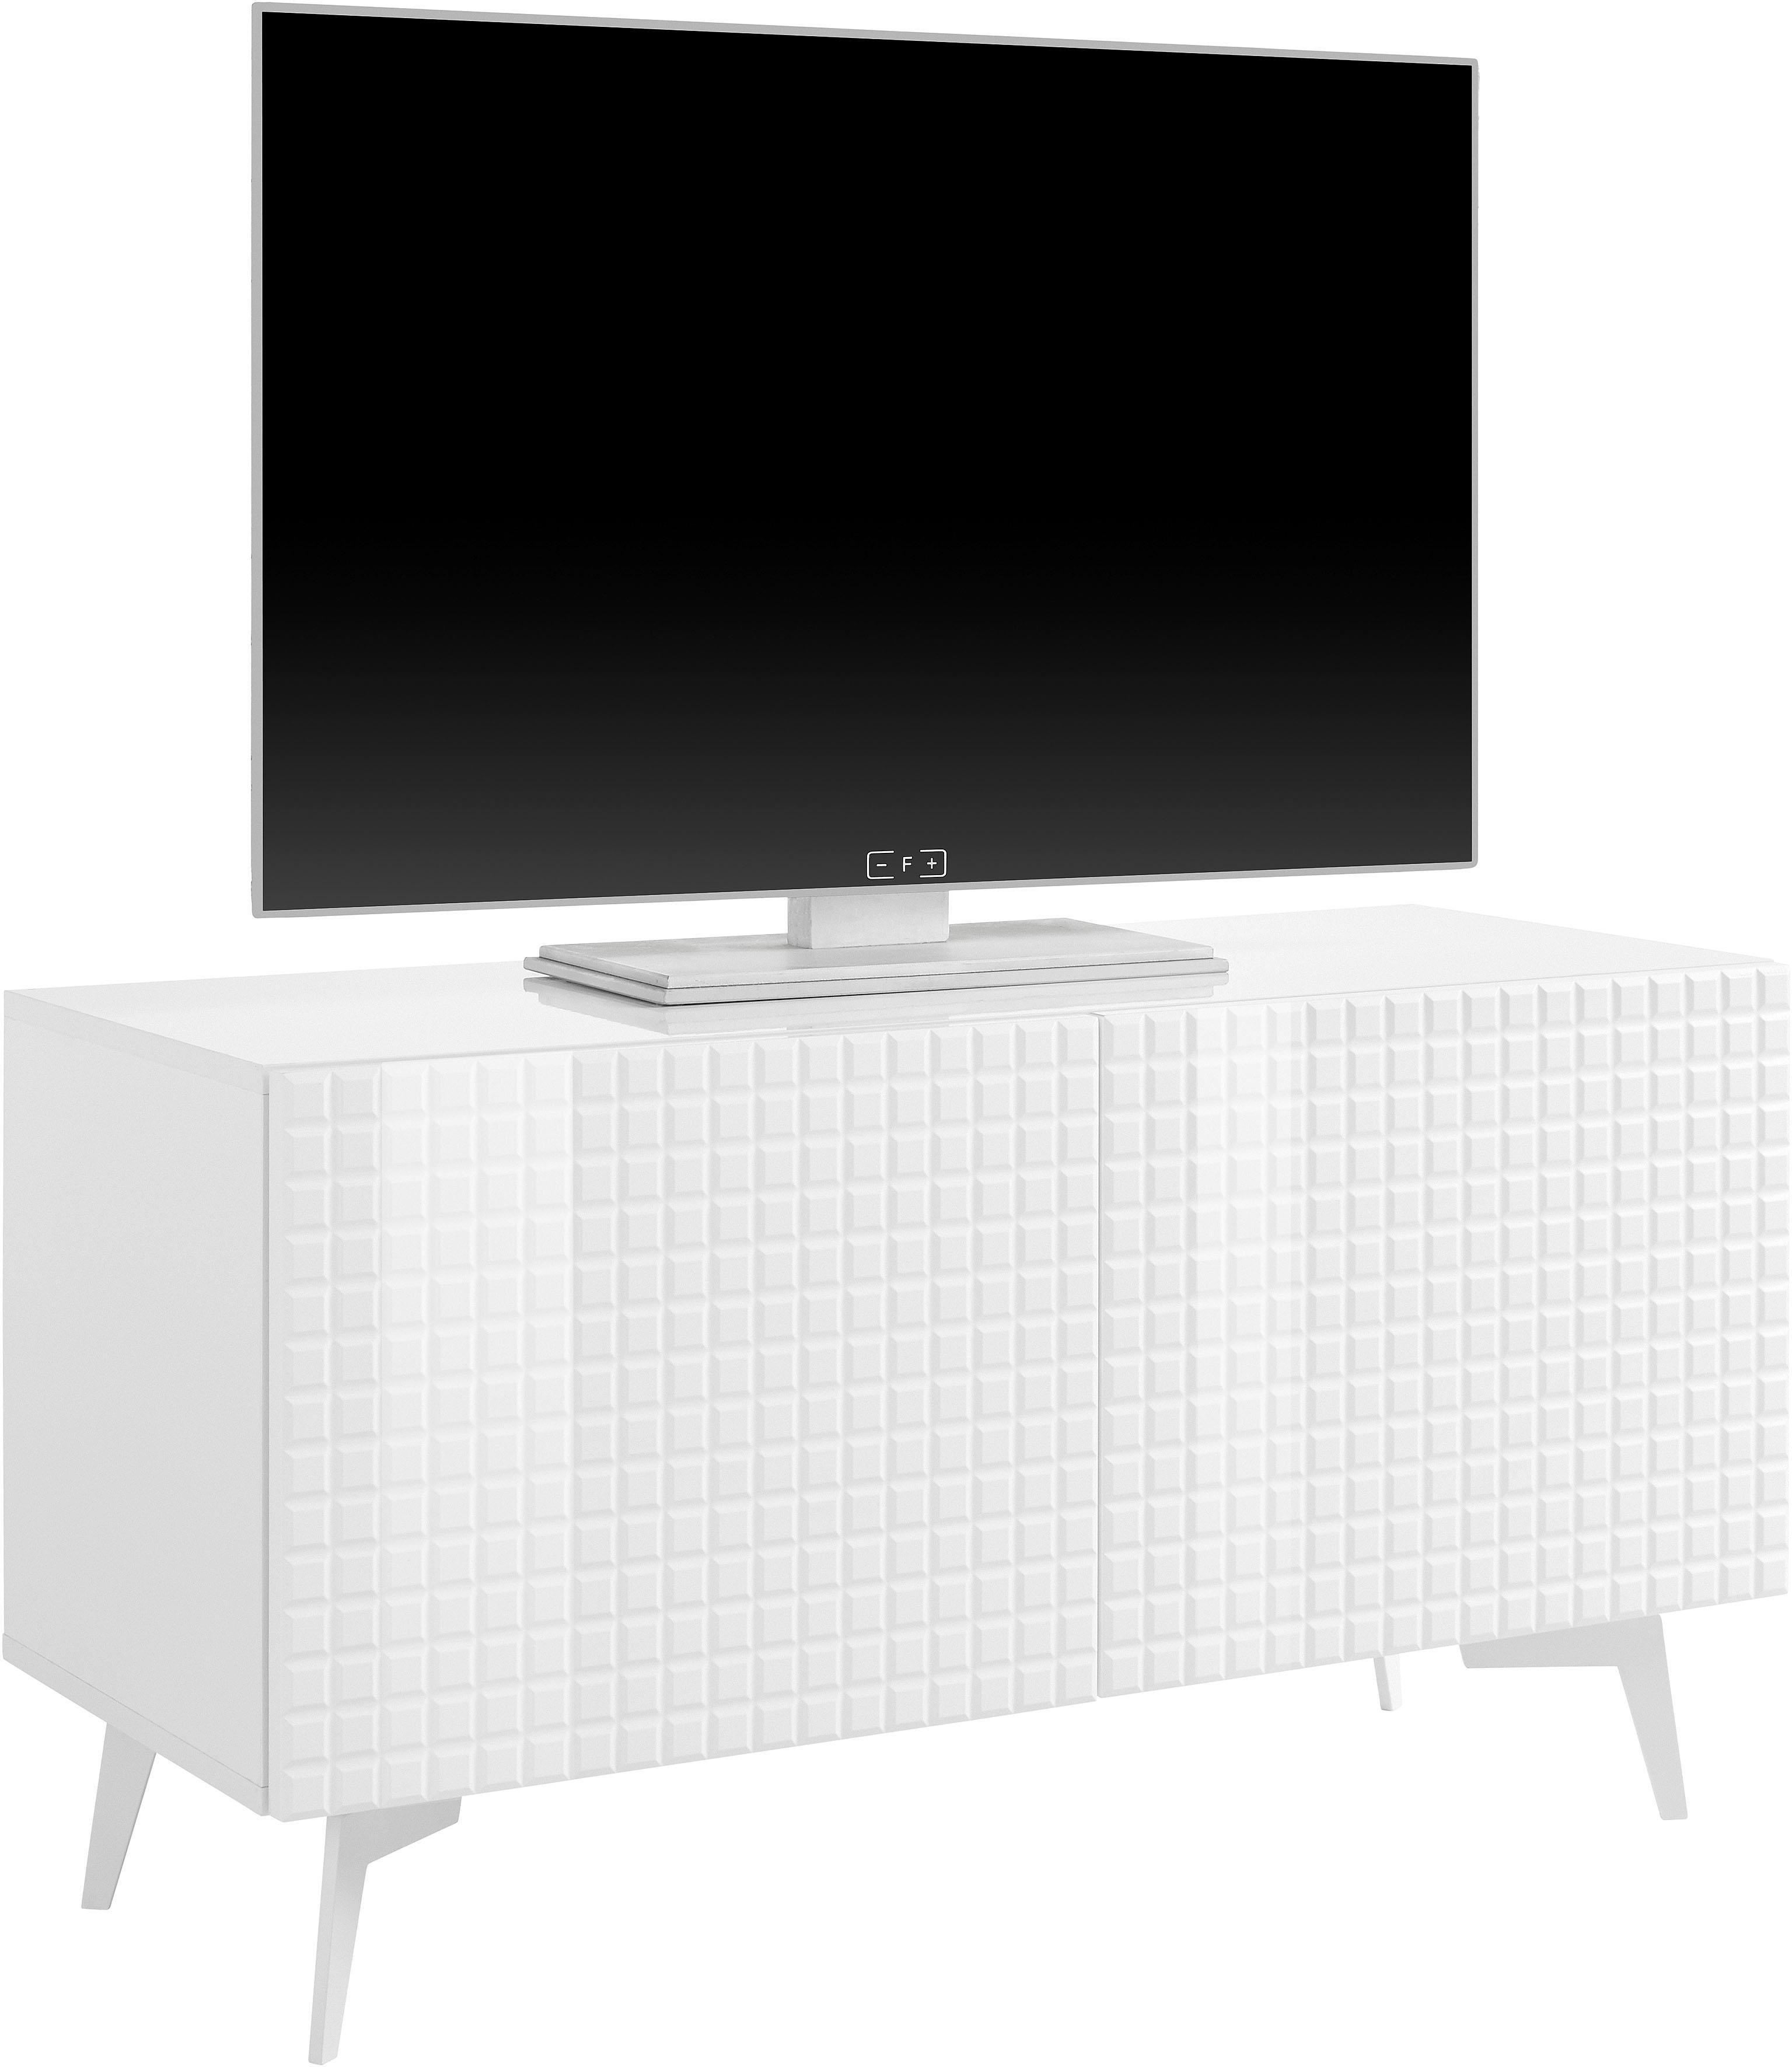 2 Tv Meubel.Tv Meubel Design 3 Met Hoogglanzende 3d Fronten In 2 Breedten